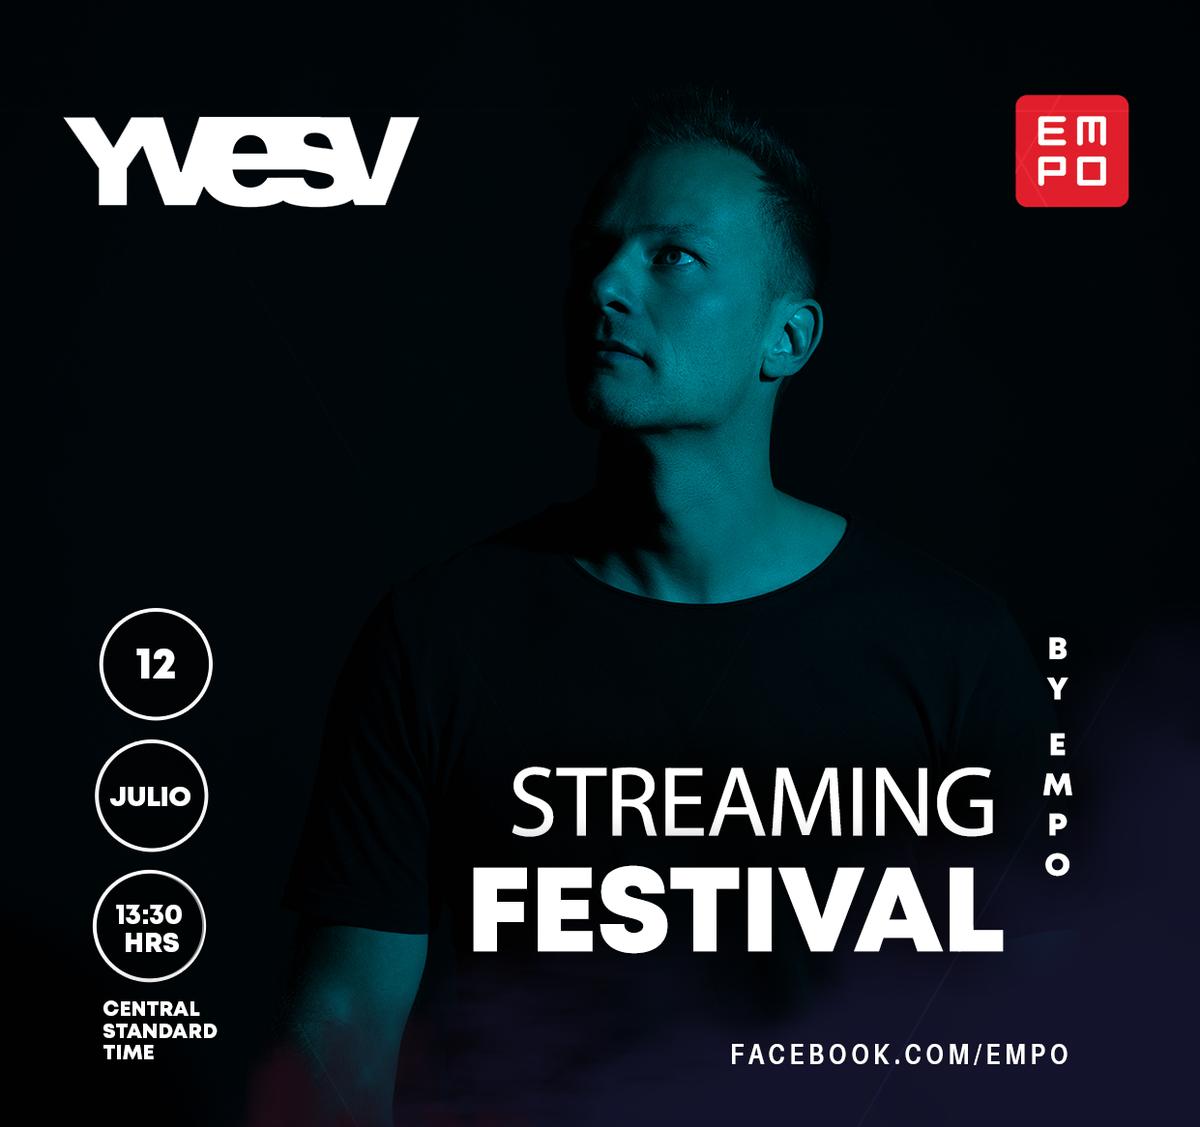 Estamos a 1 DÍA del #StreamingFestivalByEMPO con @yvesv 💥 ¿Listos para vivir la emoción de un festival? 🖥 Sintonízalo a través de nuestra página de Facebook 👉